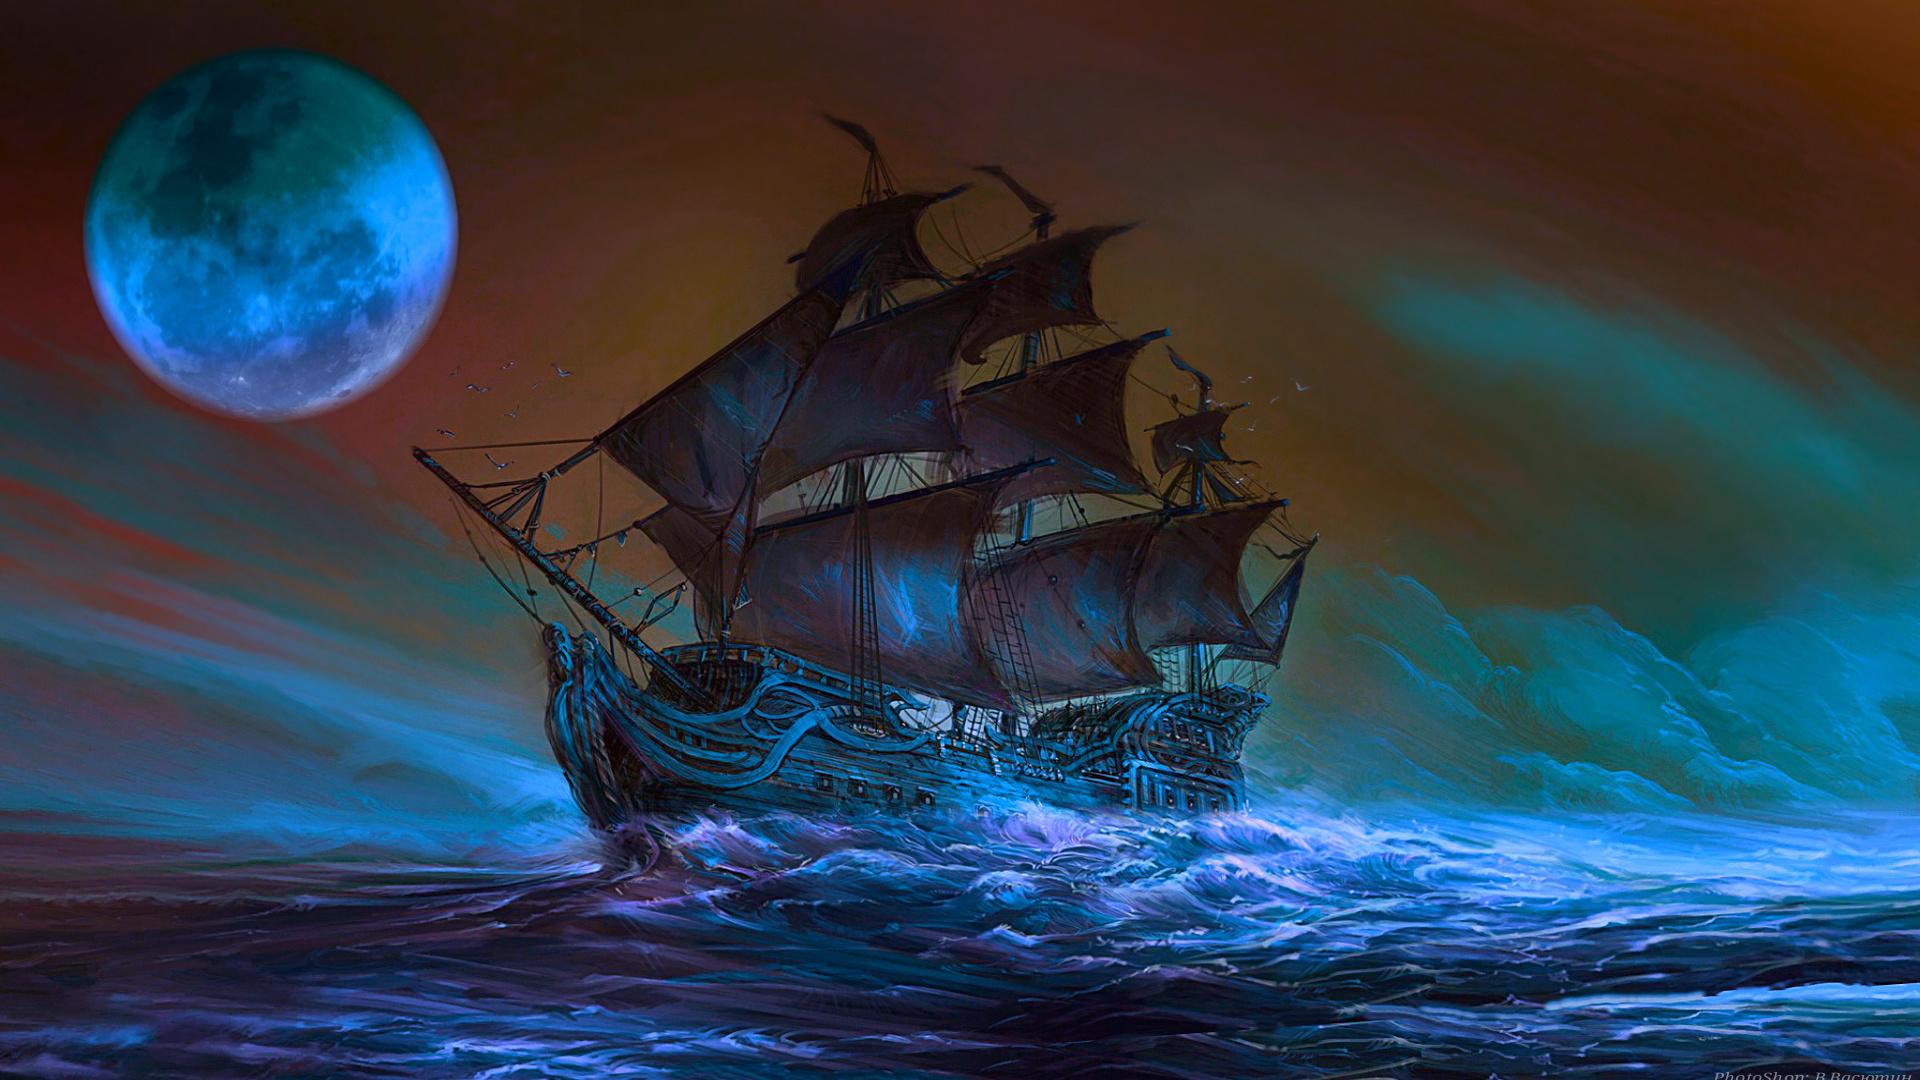 Картинки анимационные военных кораблей нем отдыхать